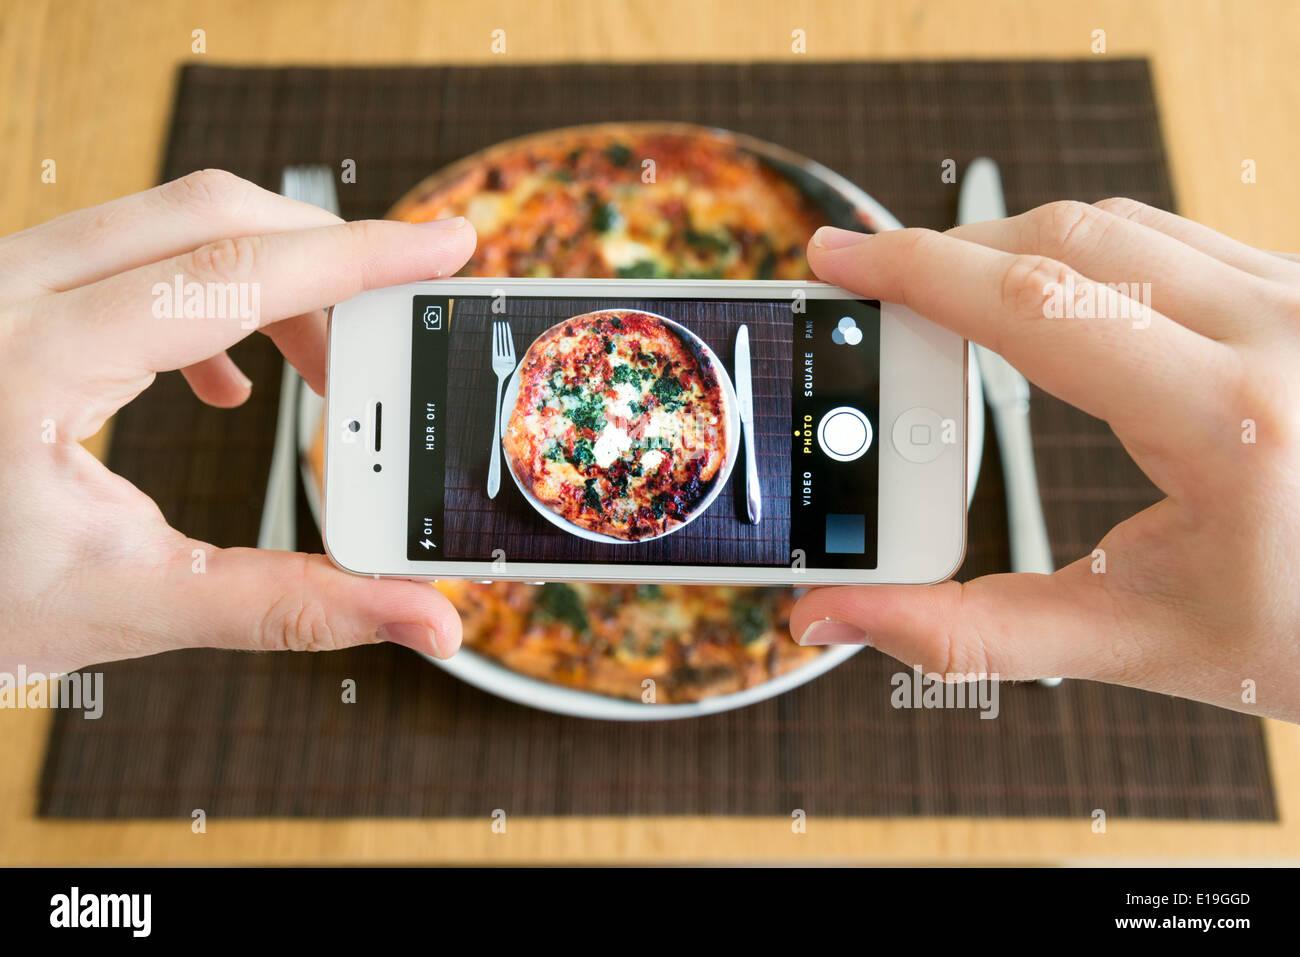 Prendere una foto di buongustai di pizza con il bianco Apple iPhone 5 Fotocamera Immagini Stock